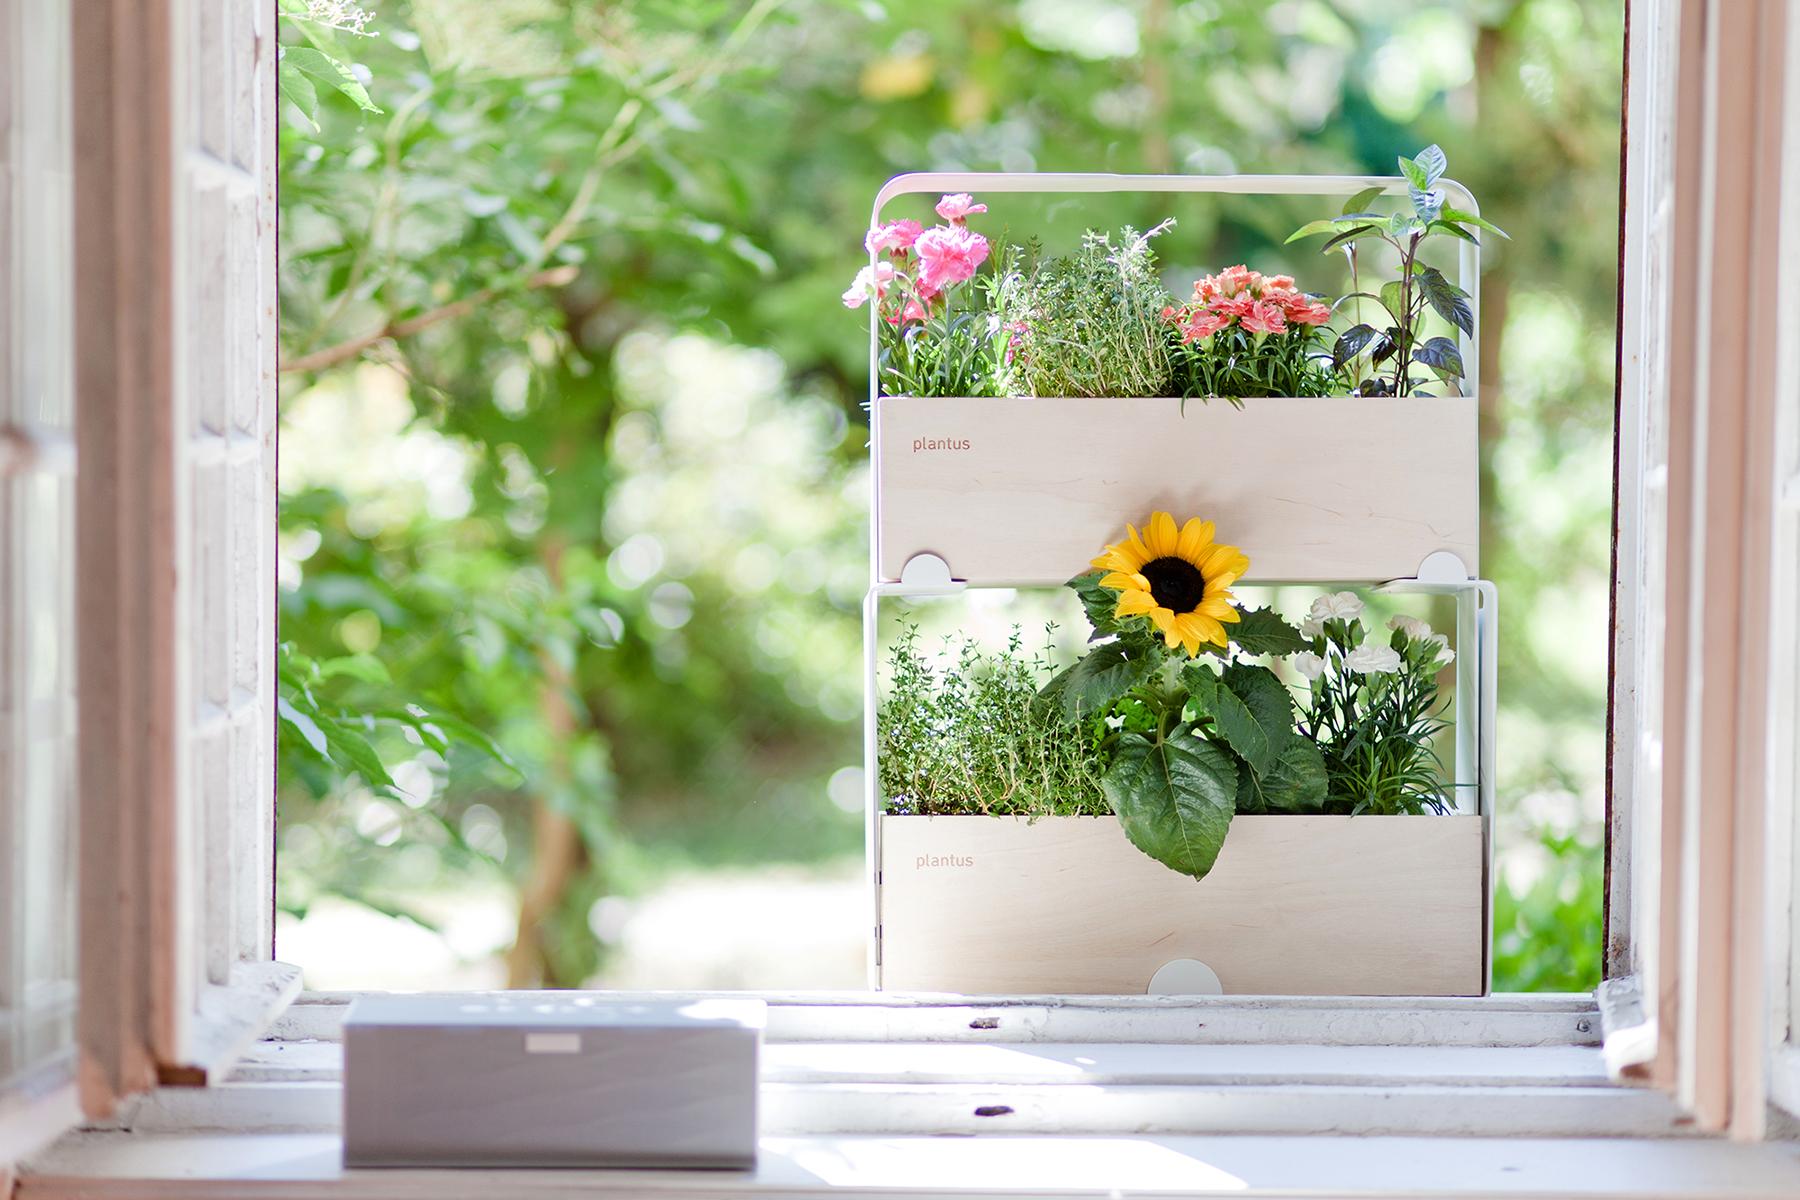 Indoor urban gardening - Plantus planters 04.jpg